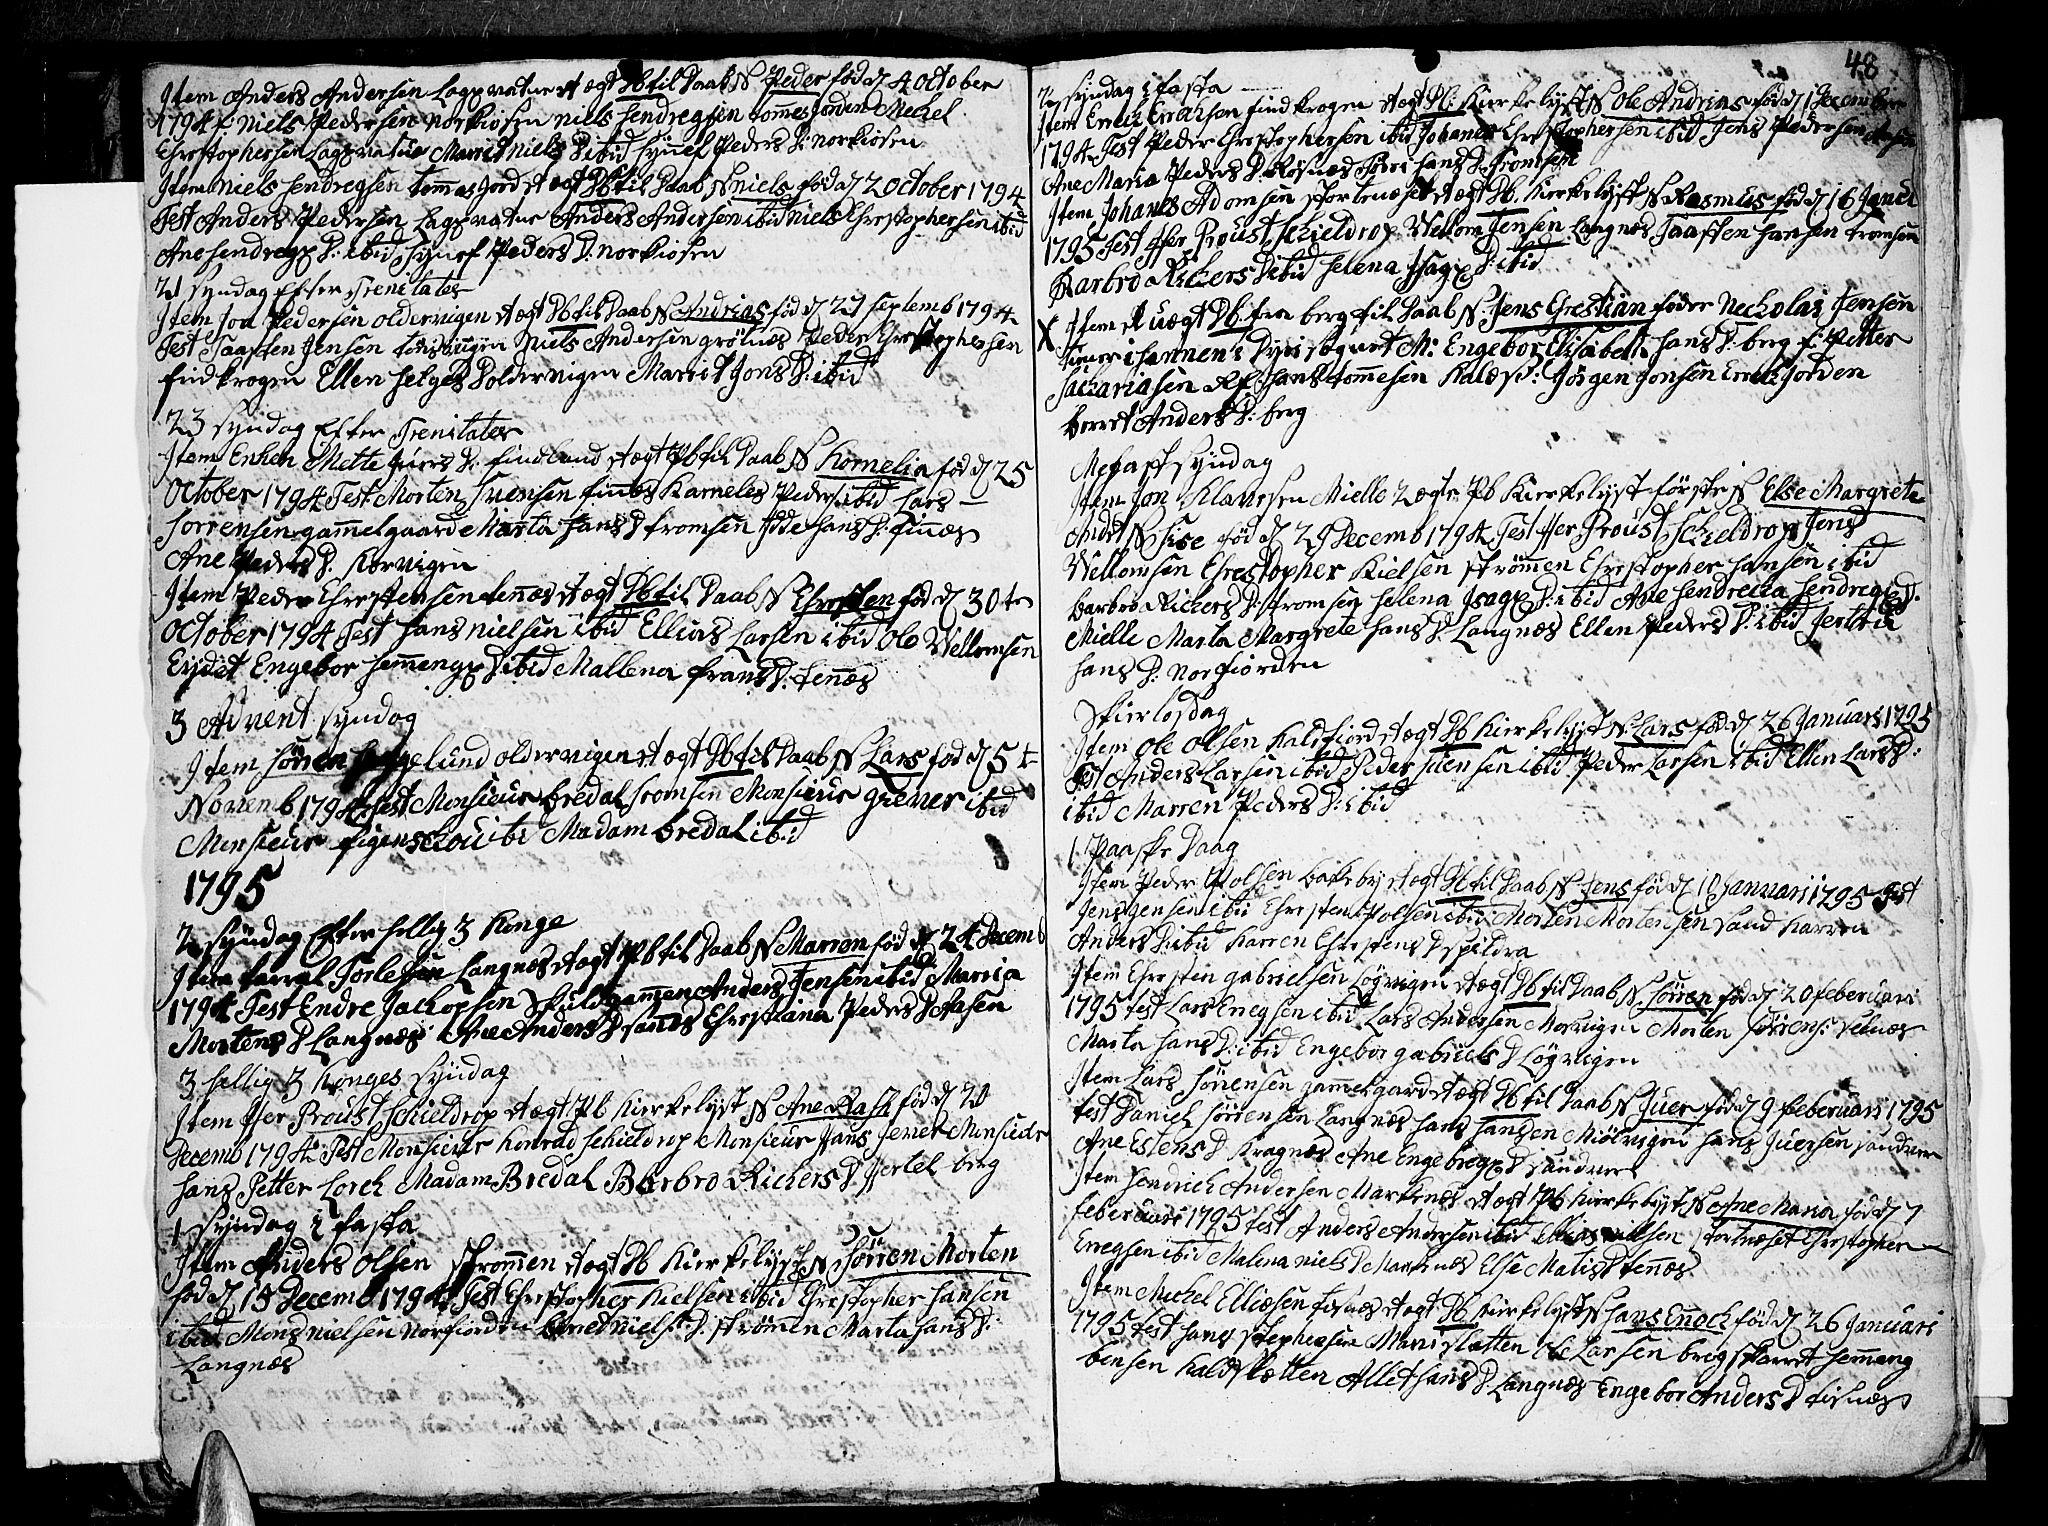 SATØ, Tromsø sokneprestkontor/stiftsprosti/domprosti, G/Ga/L0004kirke: Ministerialbok nr. 4, 1787-1795, s. 48